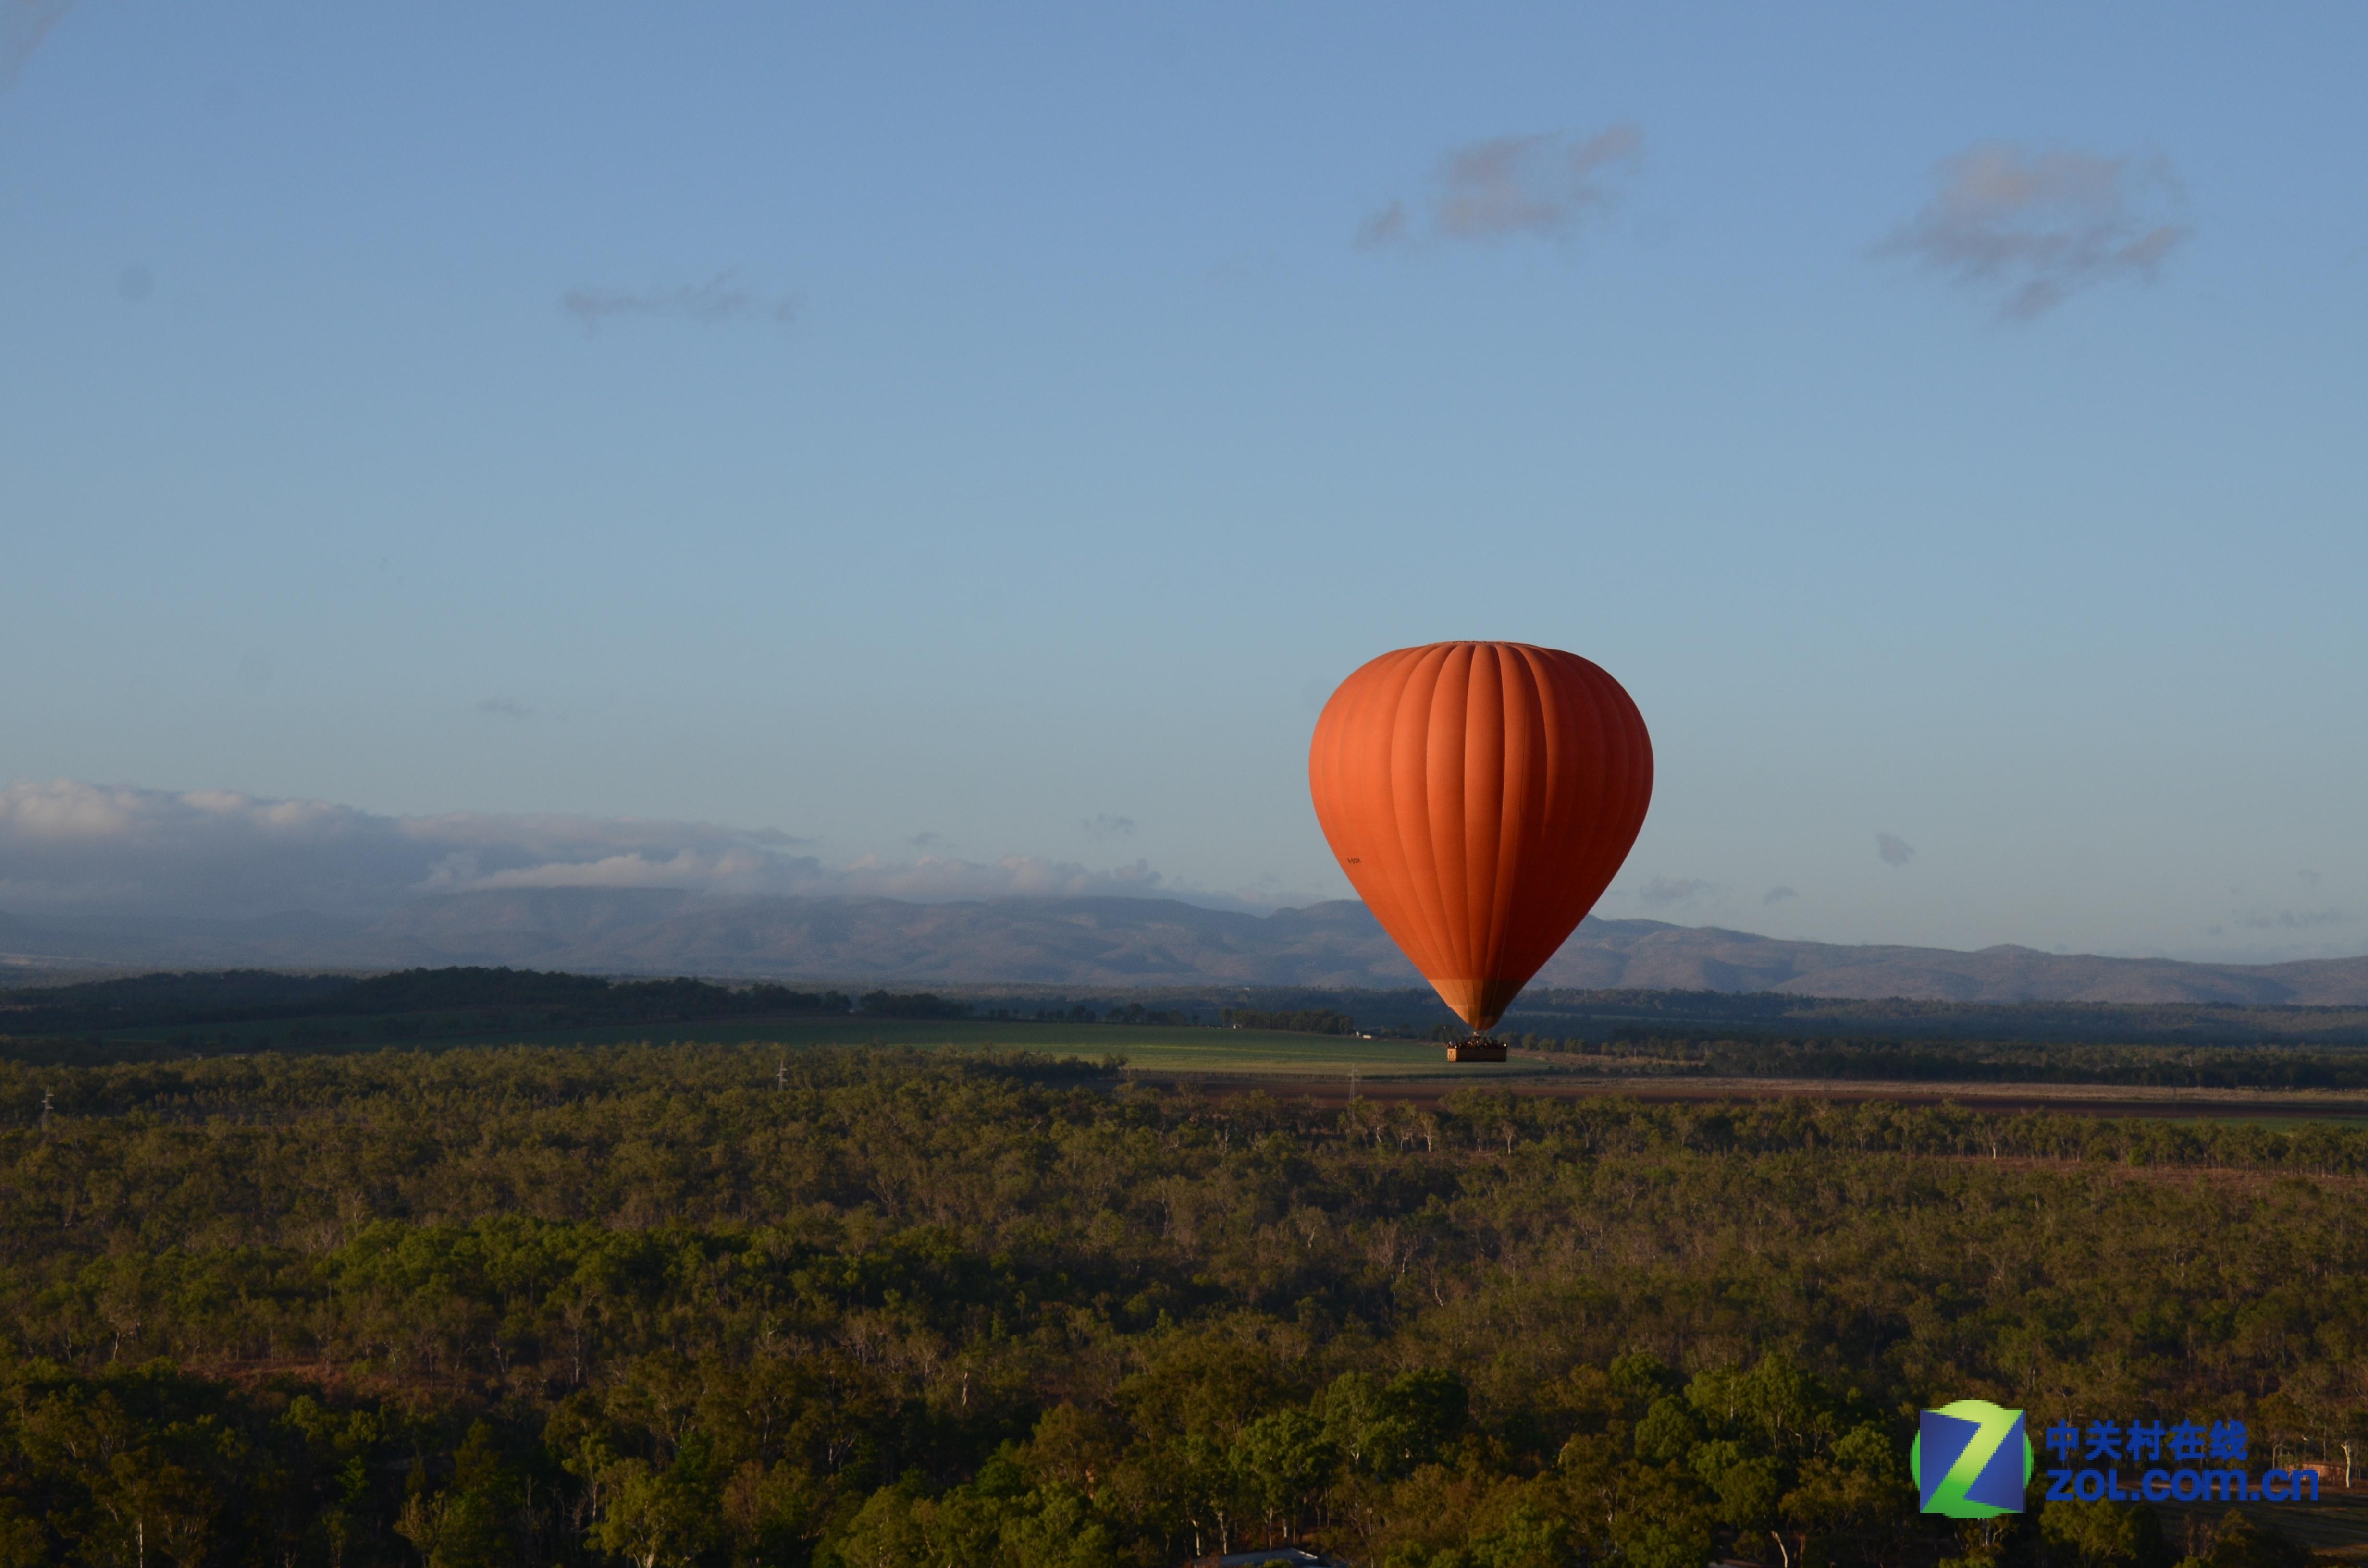 行摄澳洲魅力风景 热气球放飞美丽梦想